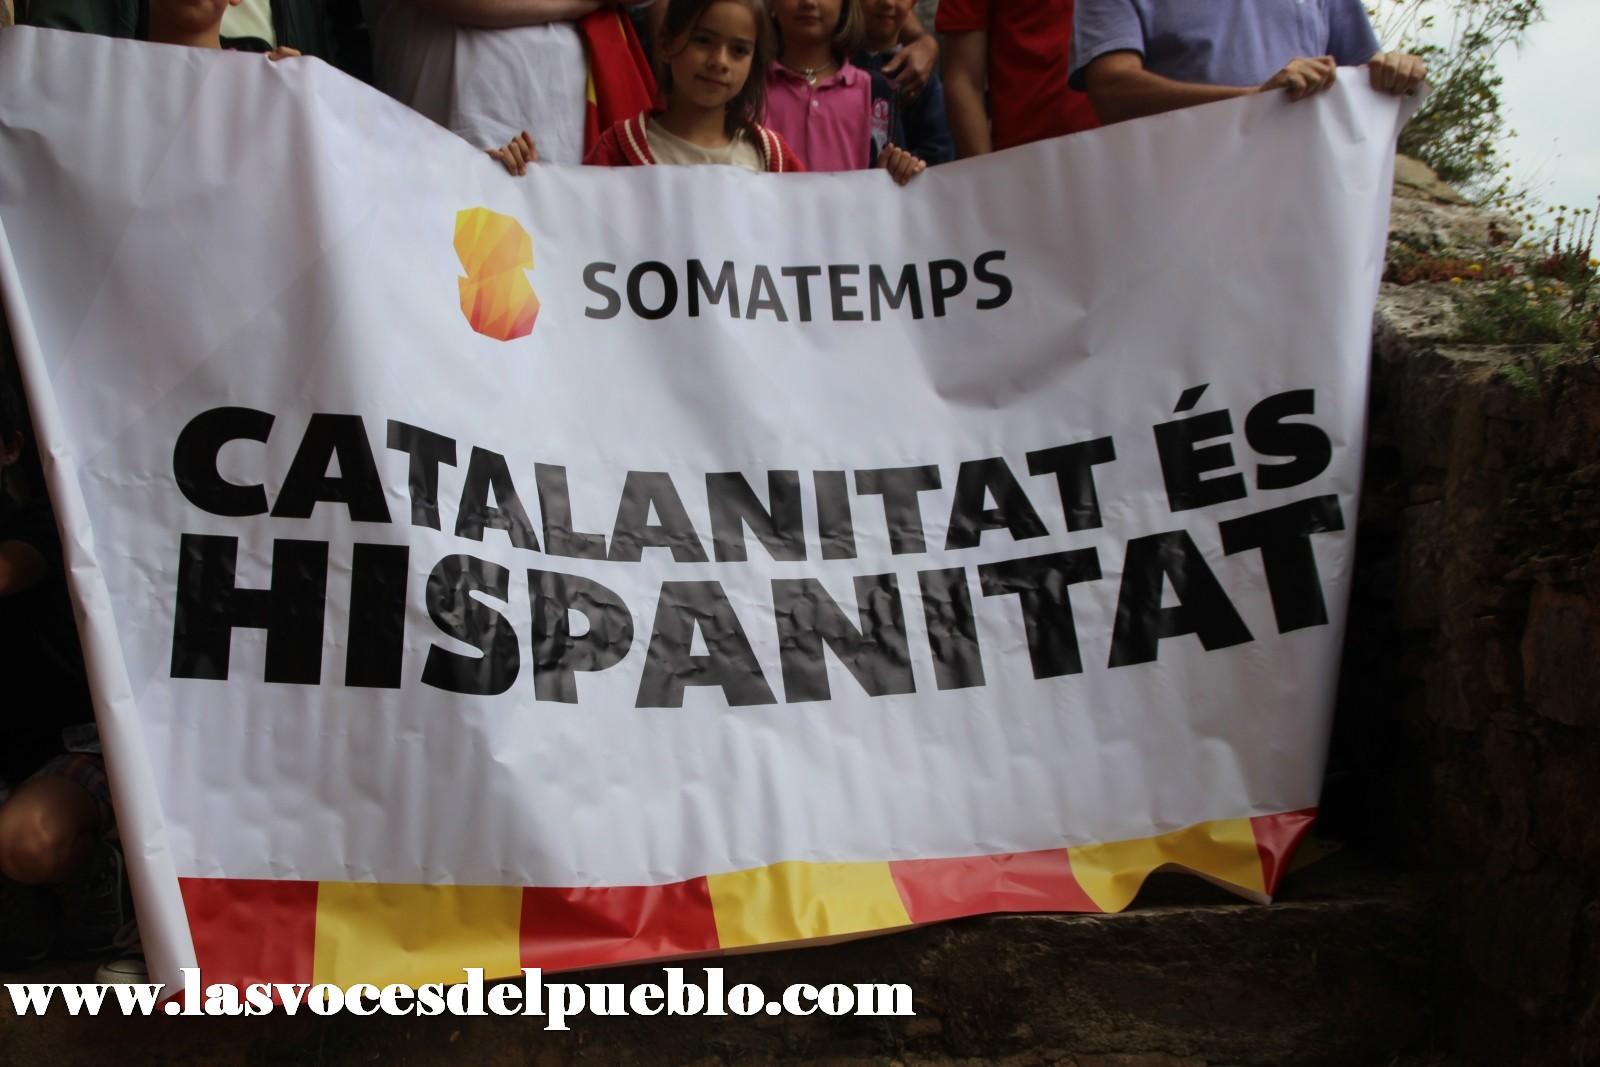 las voces del pueblo_I Congreso de Somatemps_Ripoll_Gerona (2)